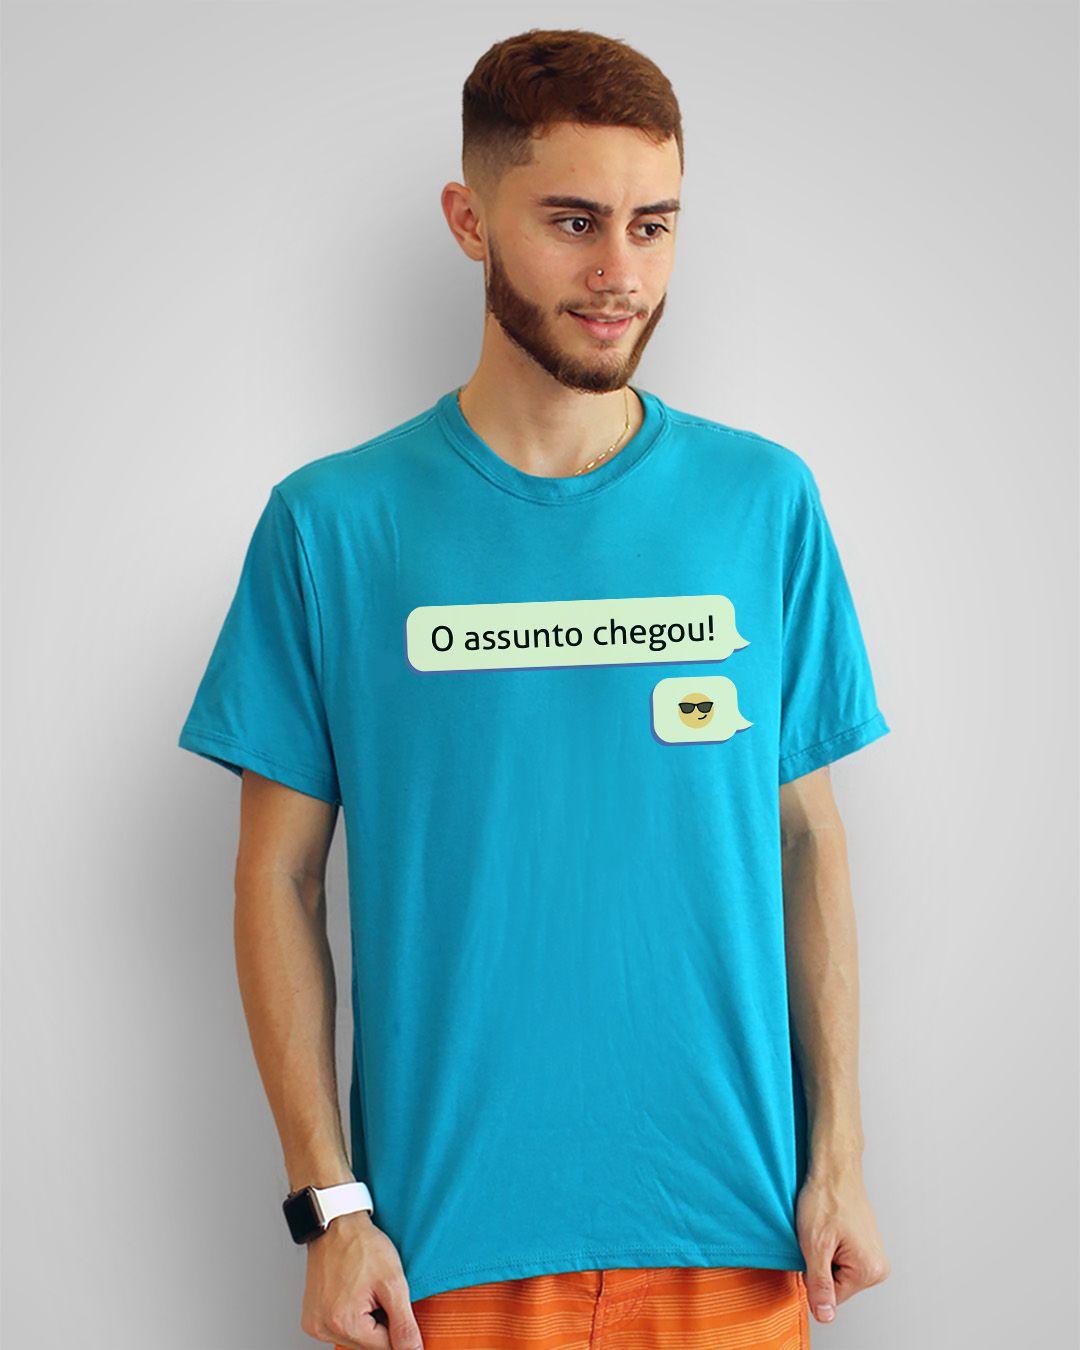 Camiseta O assunto chegou